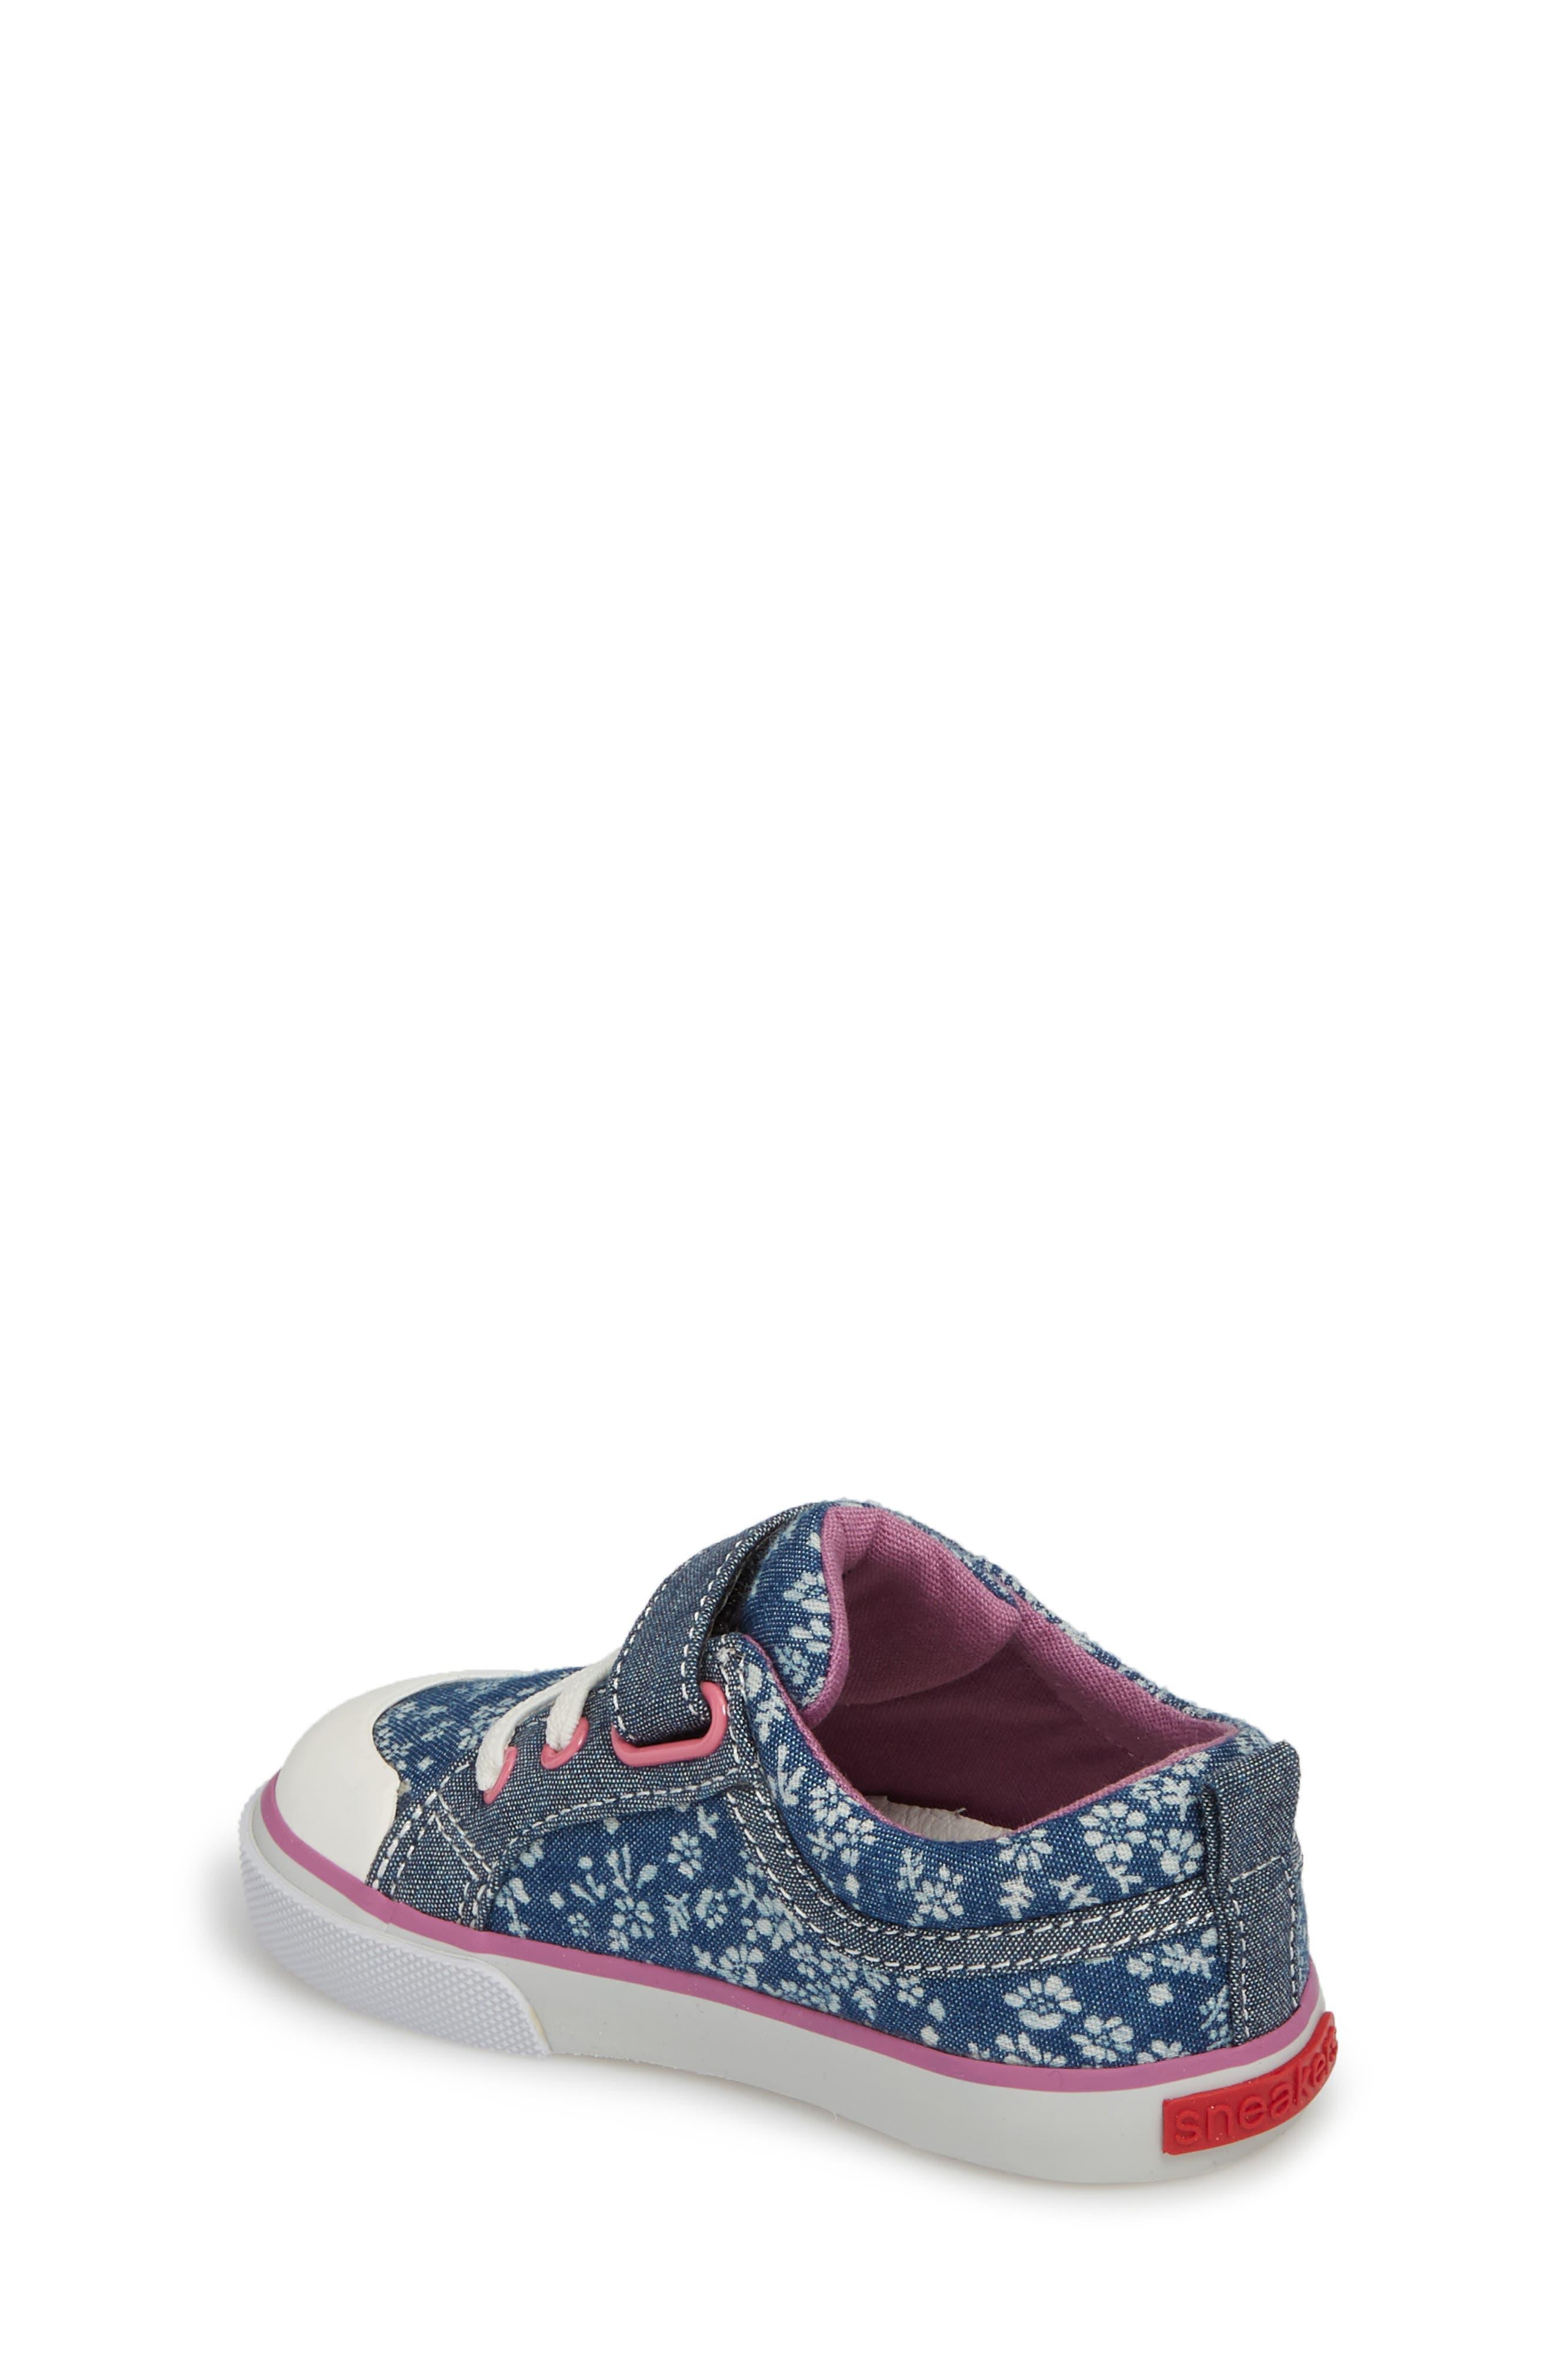 Kristin Sneaker,                             Alternate thumbnail 2, color,                             BLUE FLOWERS